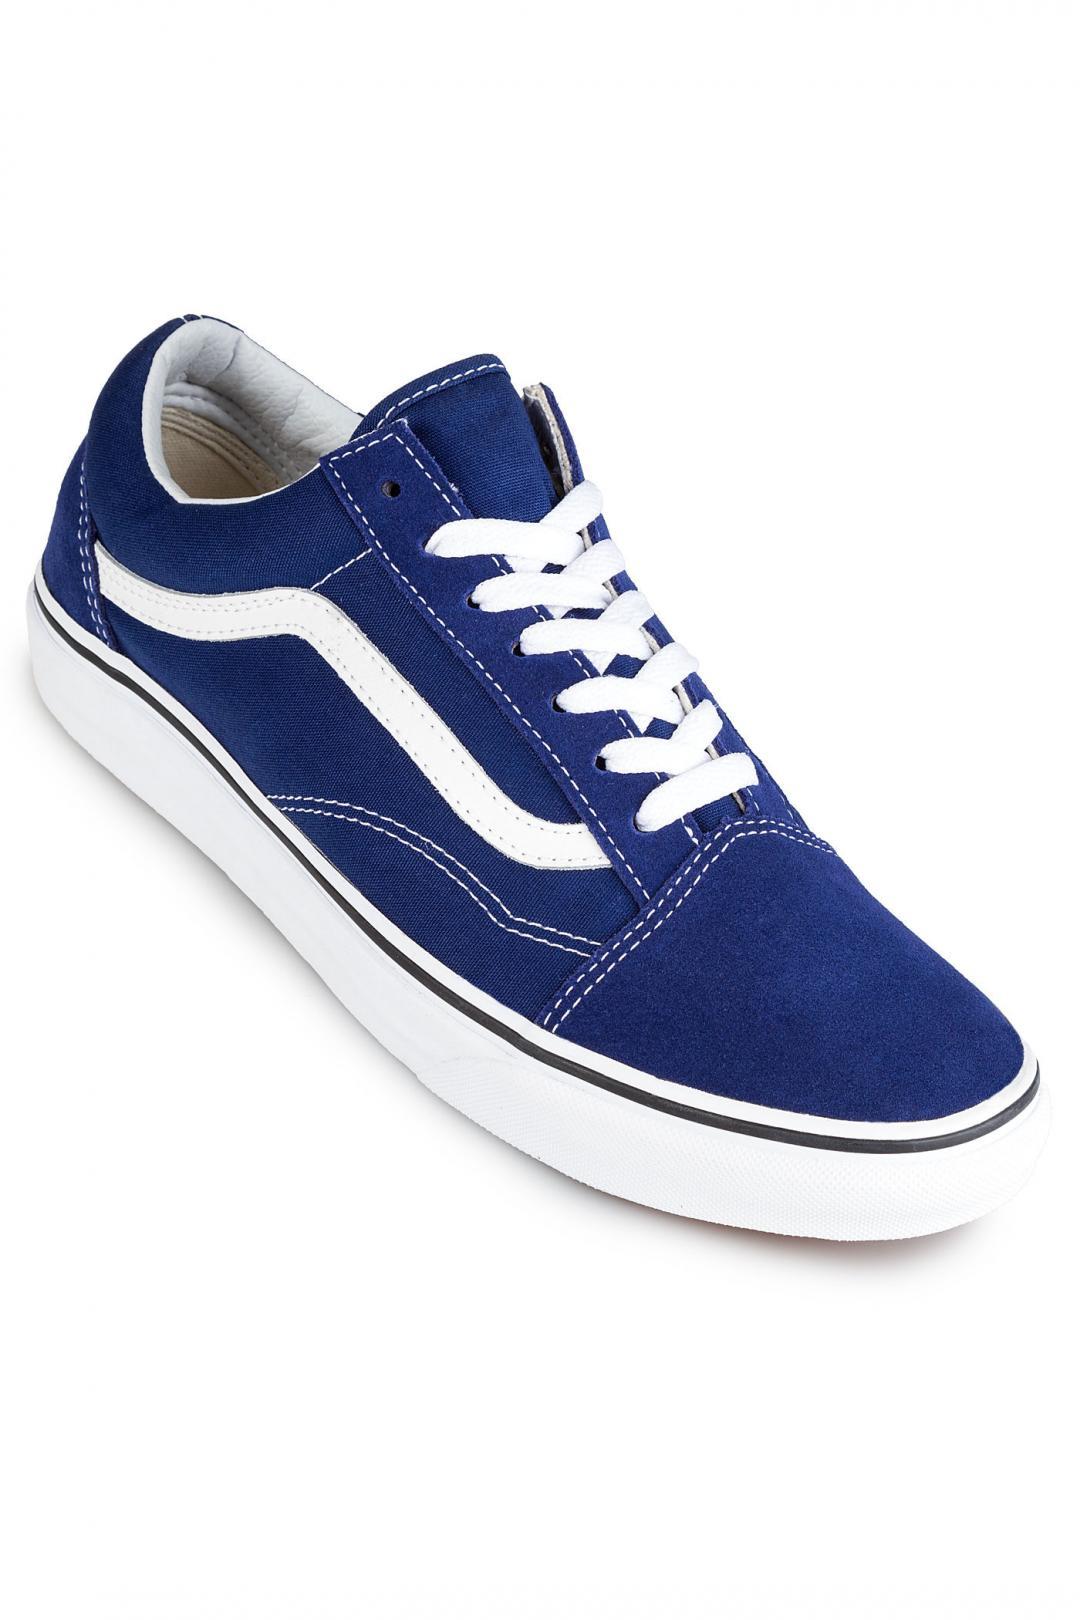 Uomo Vans Old Skool estate blue | Scarpe da skate